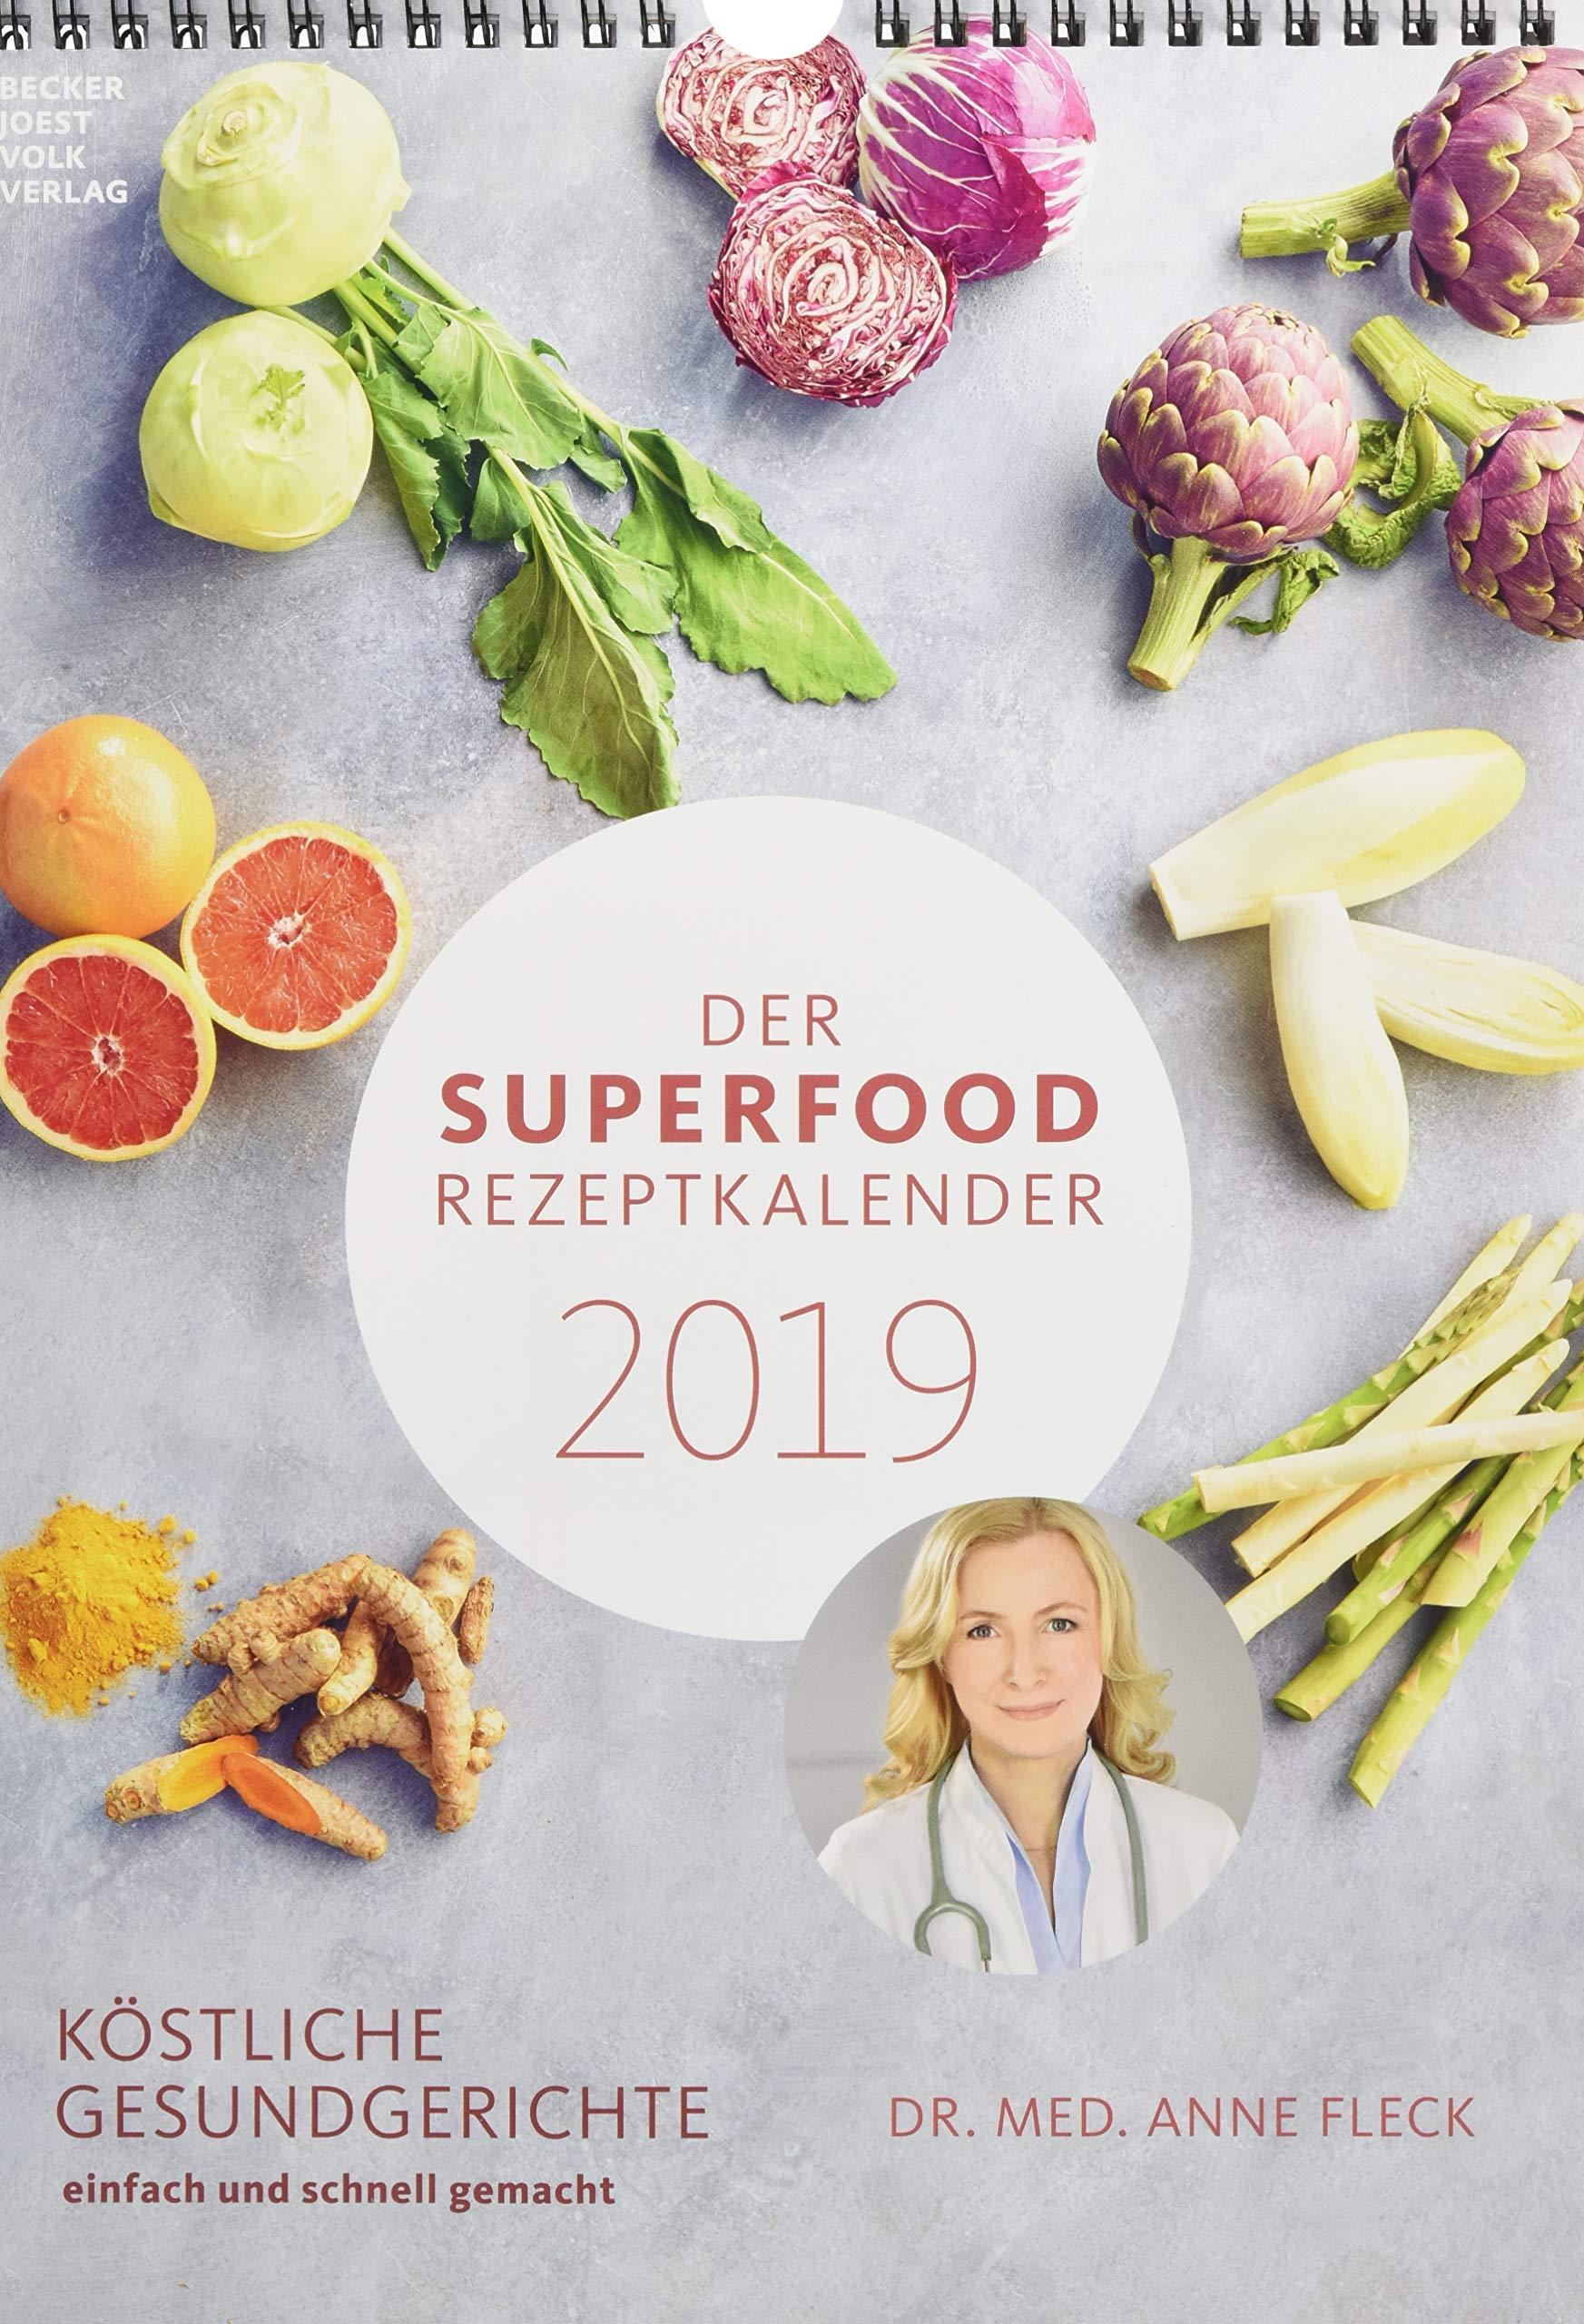 Der Superfood-Rezeptkalender 2019: by Dr. Anne Fleck